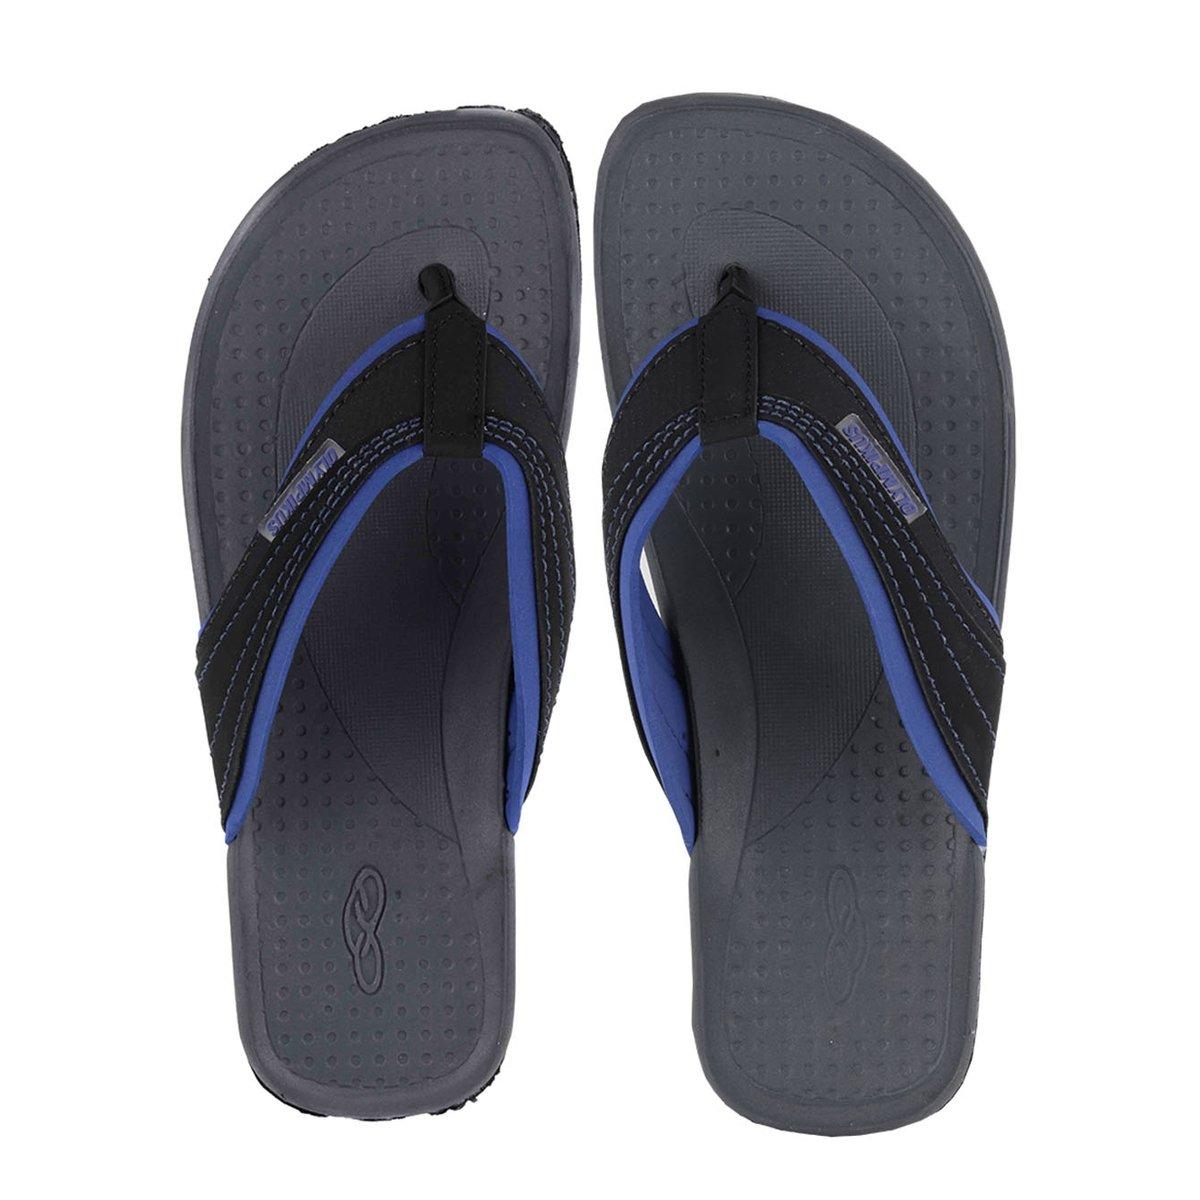 Panama Olympikus Olympikus Chinelo Chinelo Azul Masculino Masculino USwgfcWq